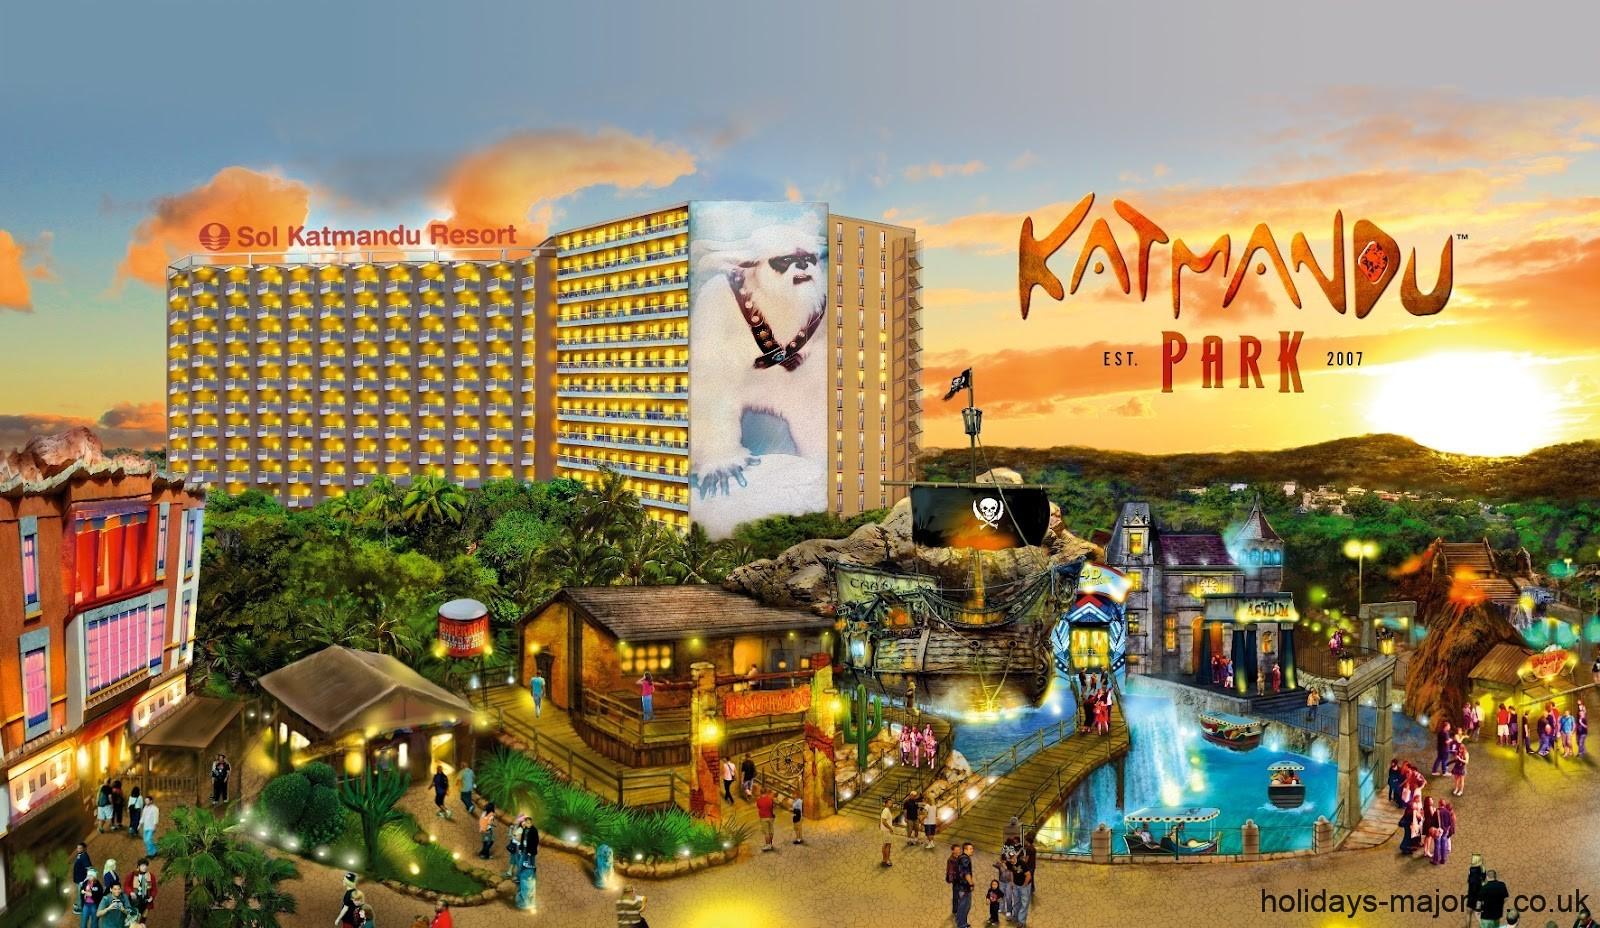 Hotel Sol Katmandu Park & Resort Majorca